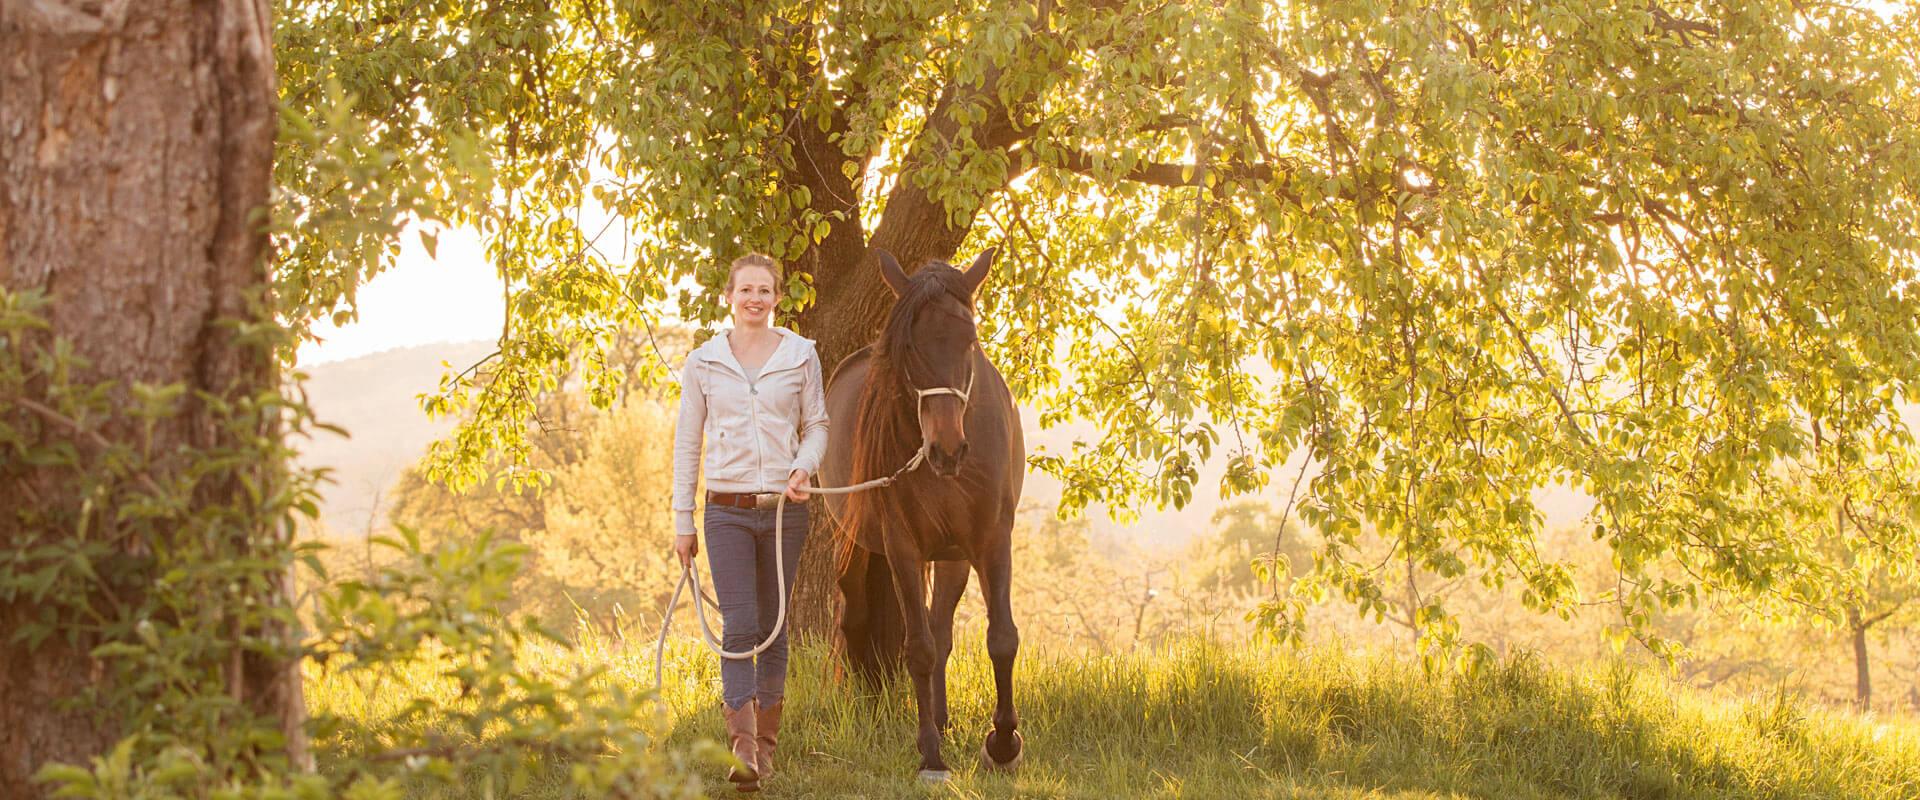 Homöopathische Therapie für Pferde in Tübingen, Reutlingen und Stuttgart mit Sarah Henne